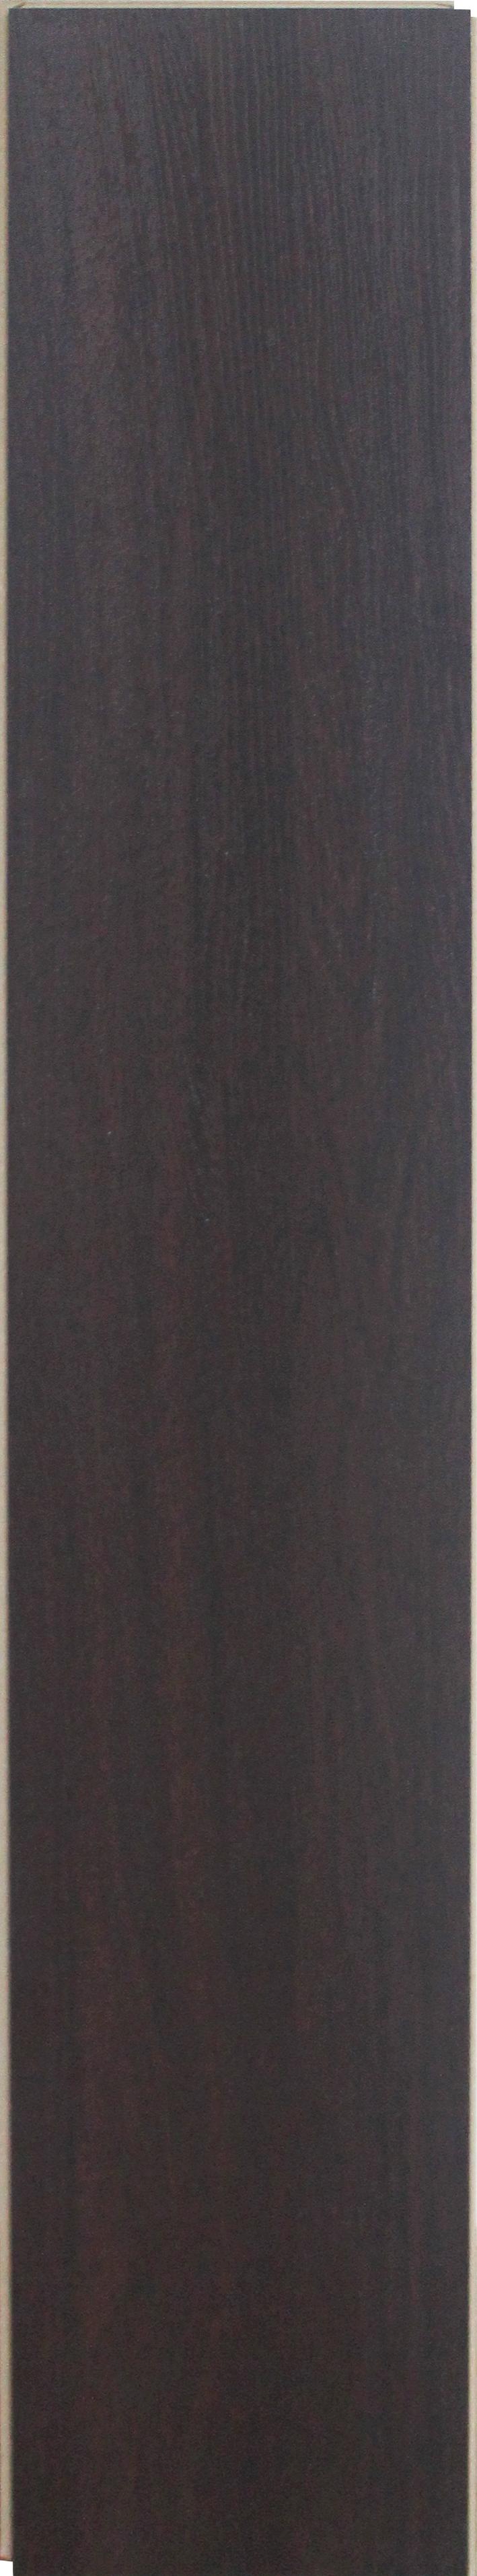 7940-Black Walnut